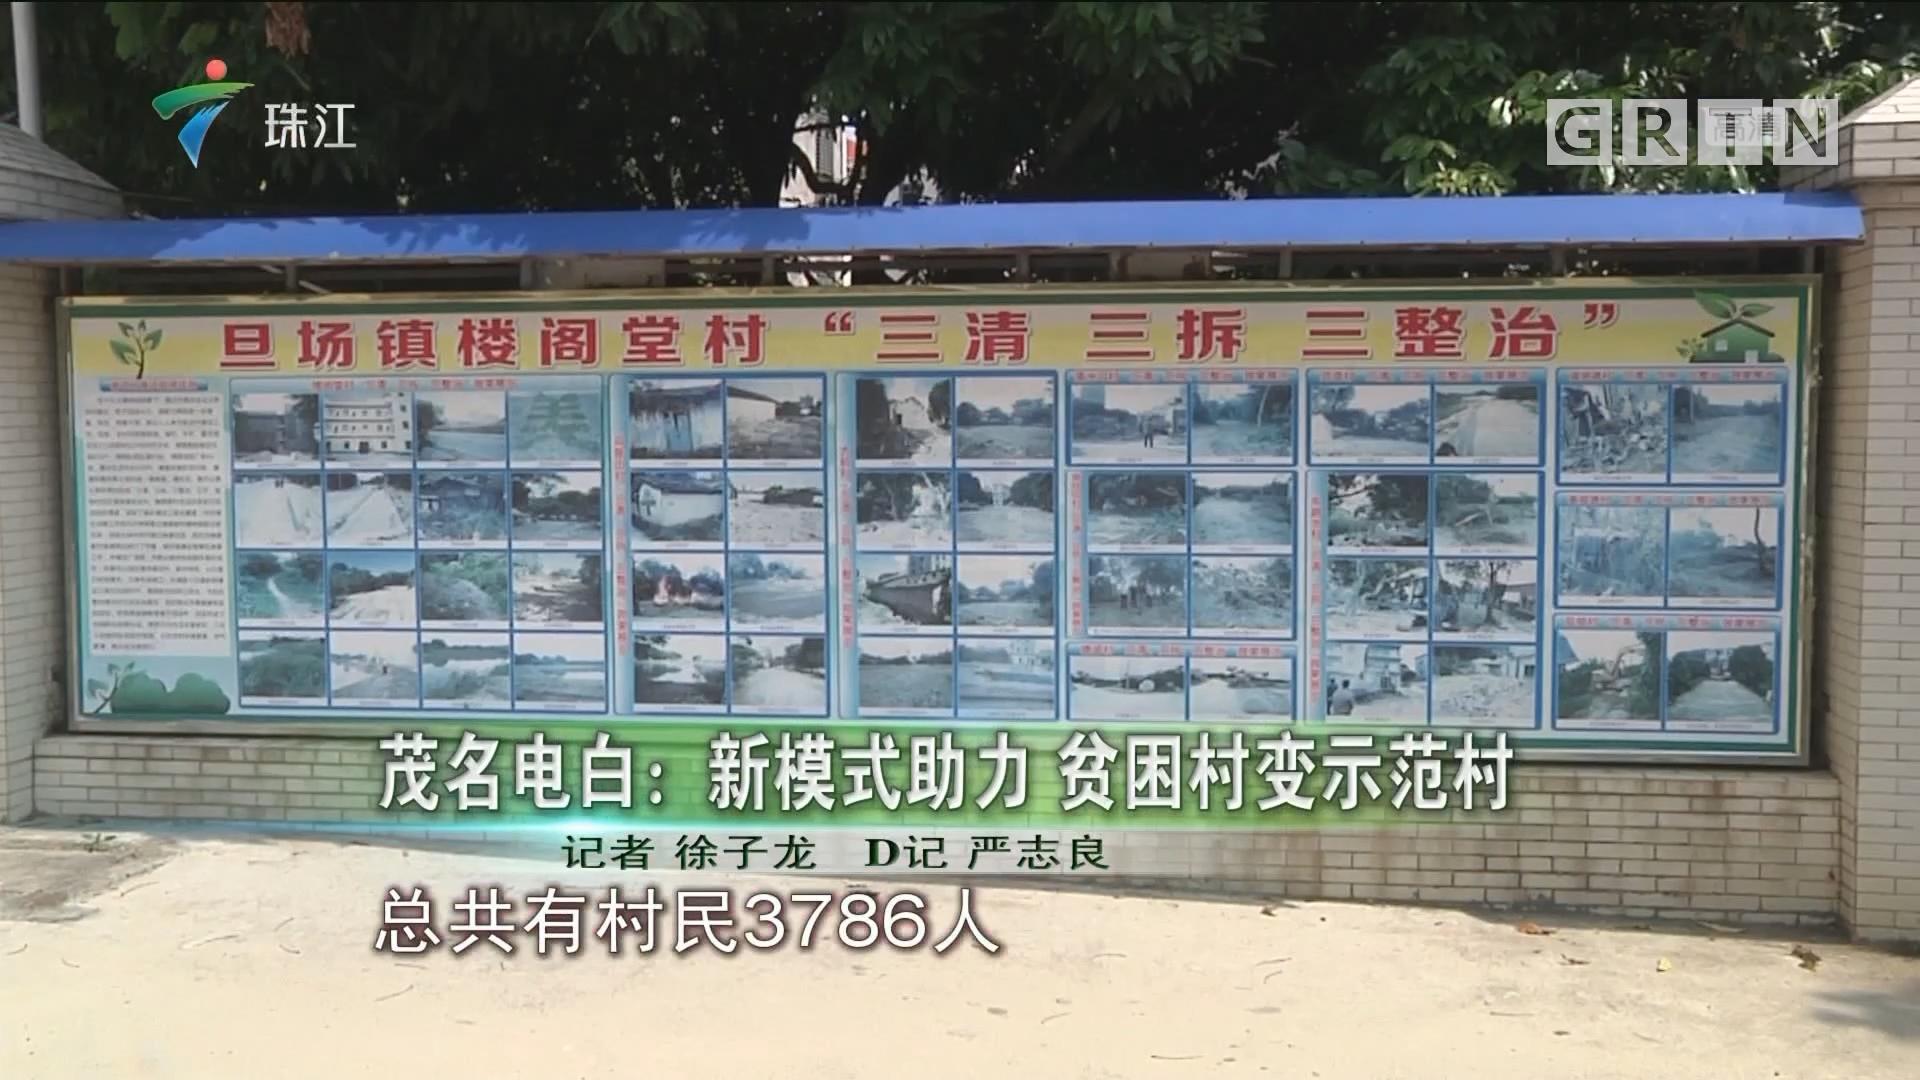 茂名电白:新模式助力 贫困村变示范村